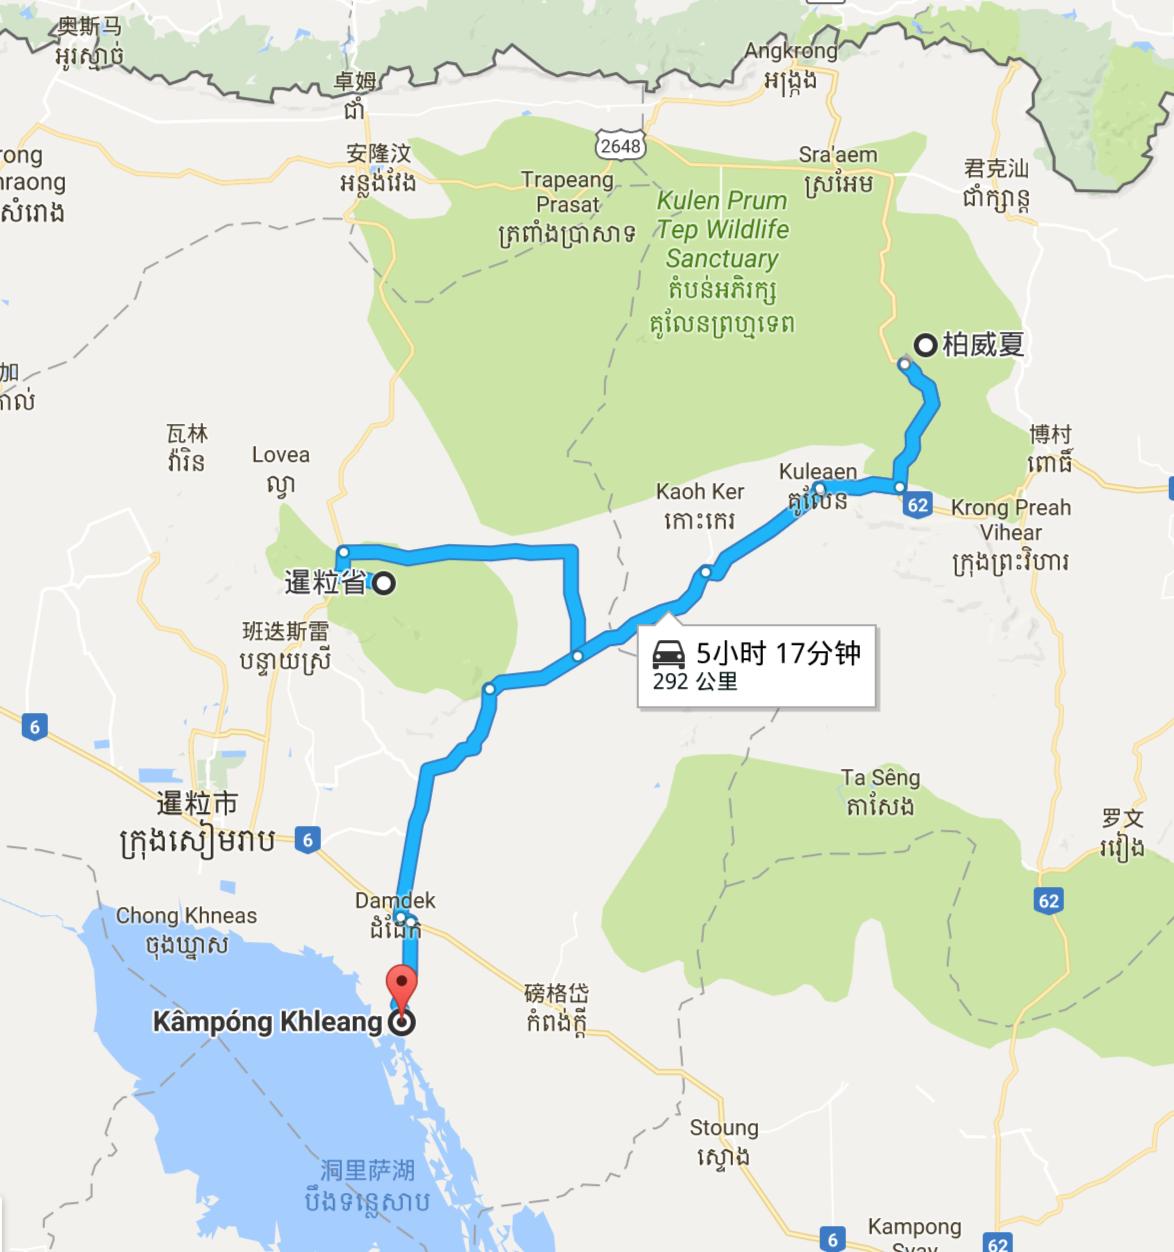 柬埔寨将为中国游客提供多次往返签证 神秘国